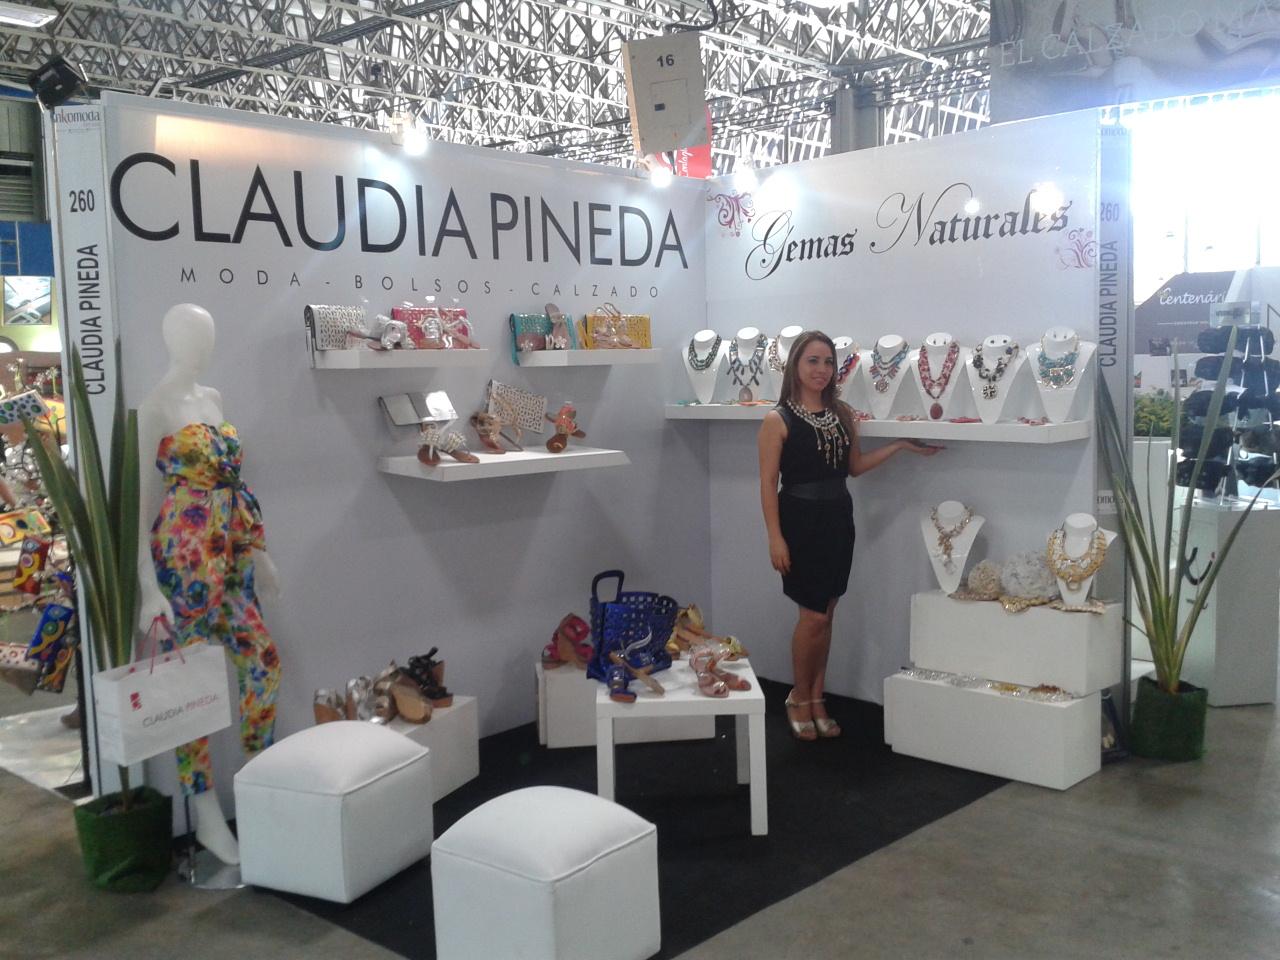 Eme2-espacios-claudia-pineda1